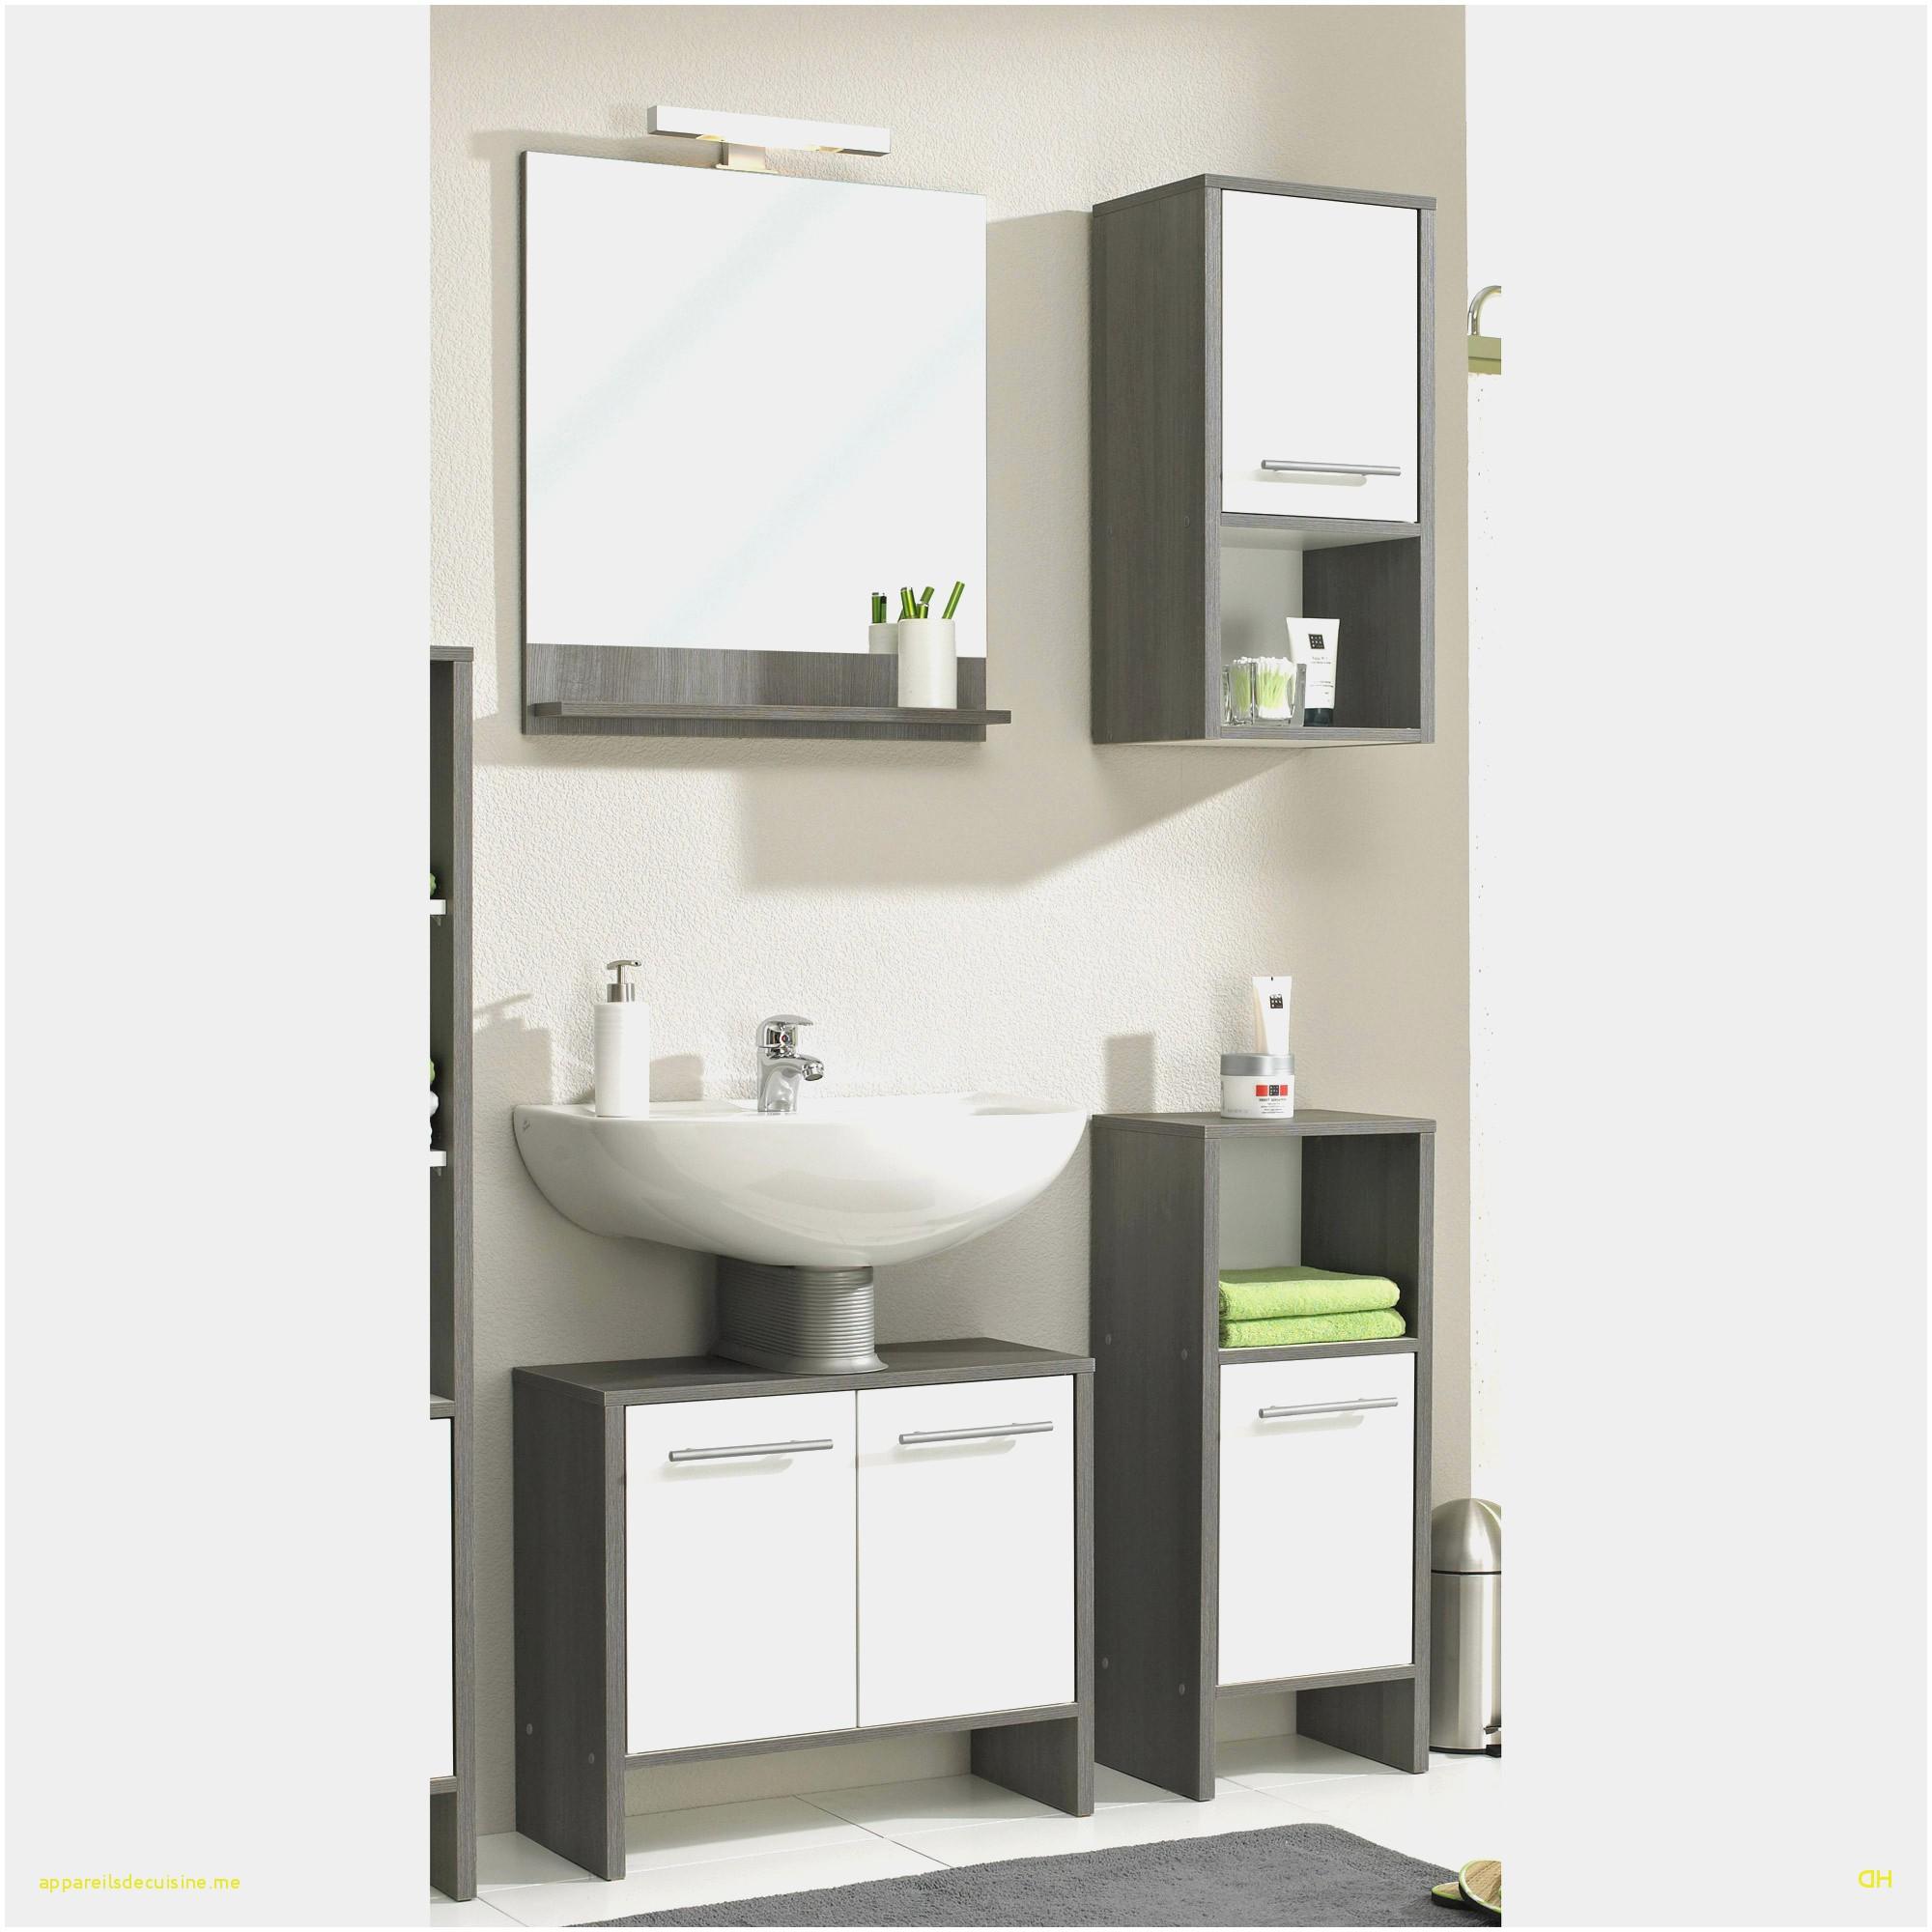 Ikea Salles De Bains Inspirant Images 10 Nouveau Meuble toilette Ikea Anciendemutu